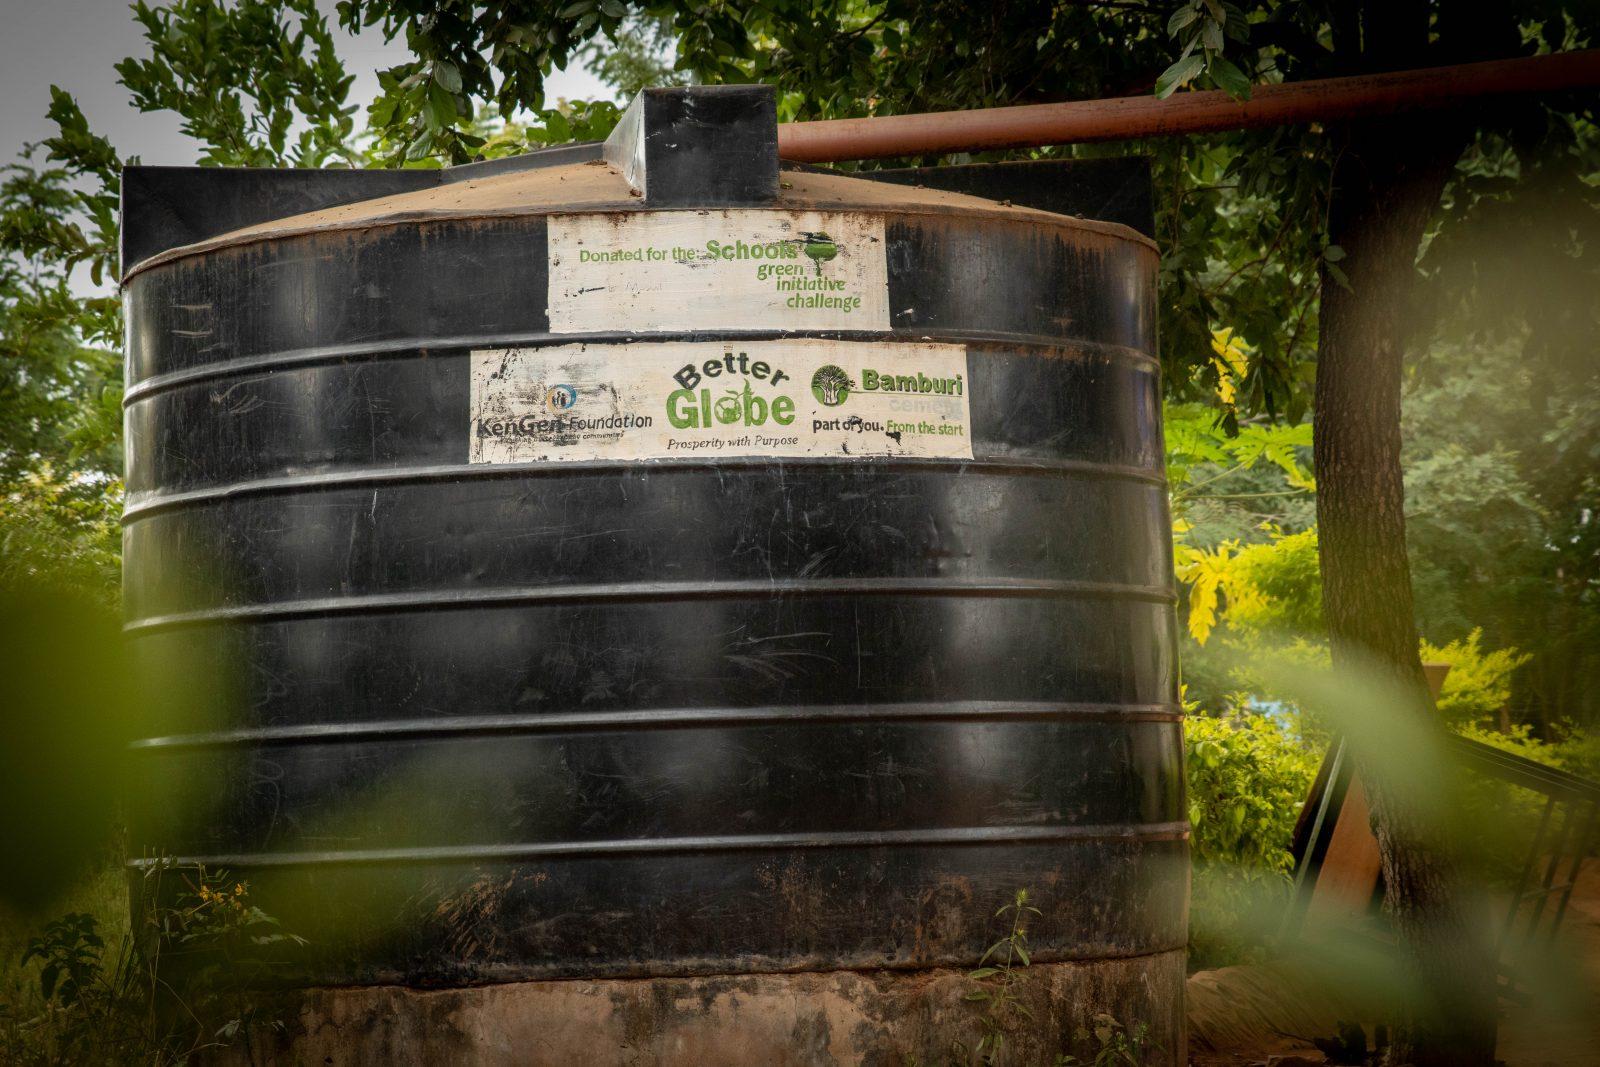 När vi kunder köper donationspaket ingår det pengar till vattenprojekt. Ett vanligt sätt förutom utbildning i vattenkonservering är att finansiera stora 5 000 eller 10 000 liters vattentankar.